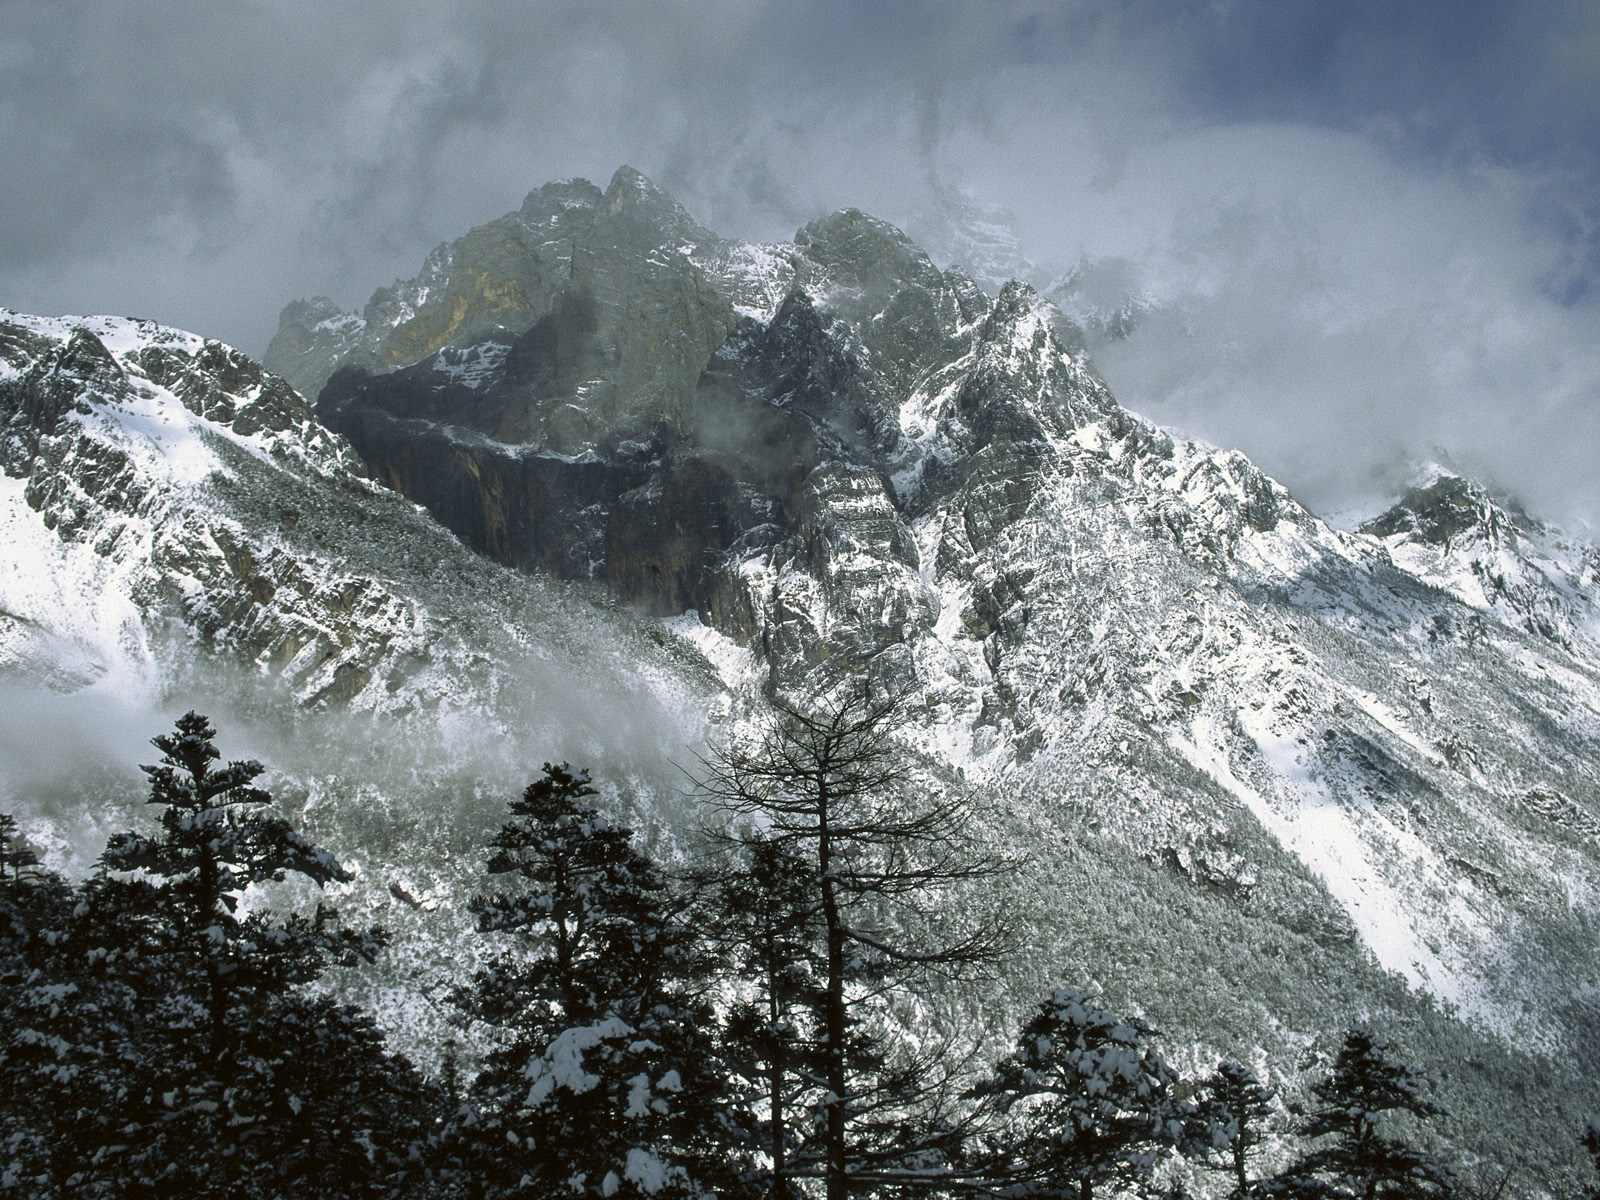 அழகு மலைகளின் காட்சிகள் சில.....02 - Page 22 JadeDragonSnowMountainYunnanProvinc